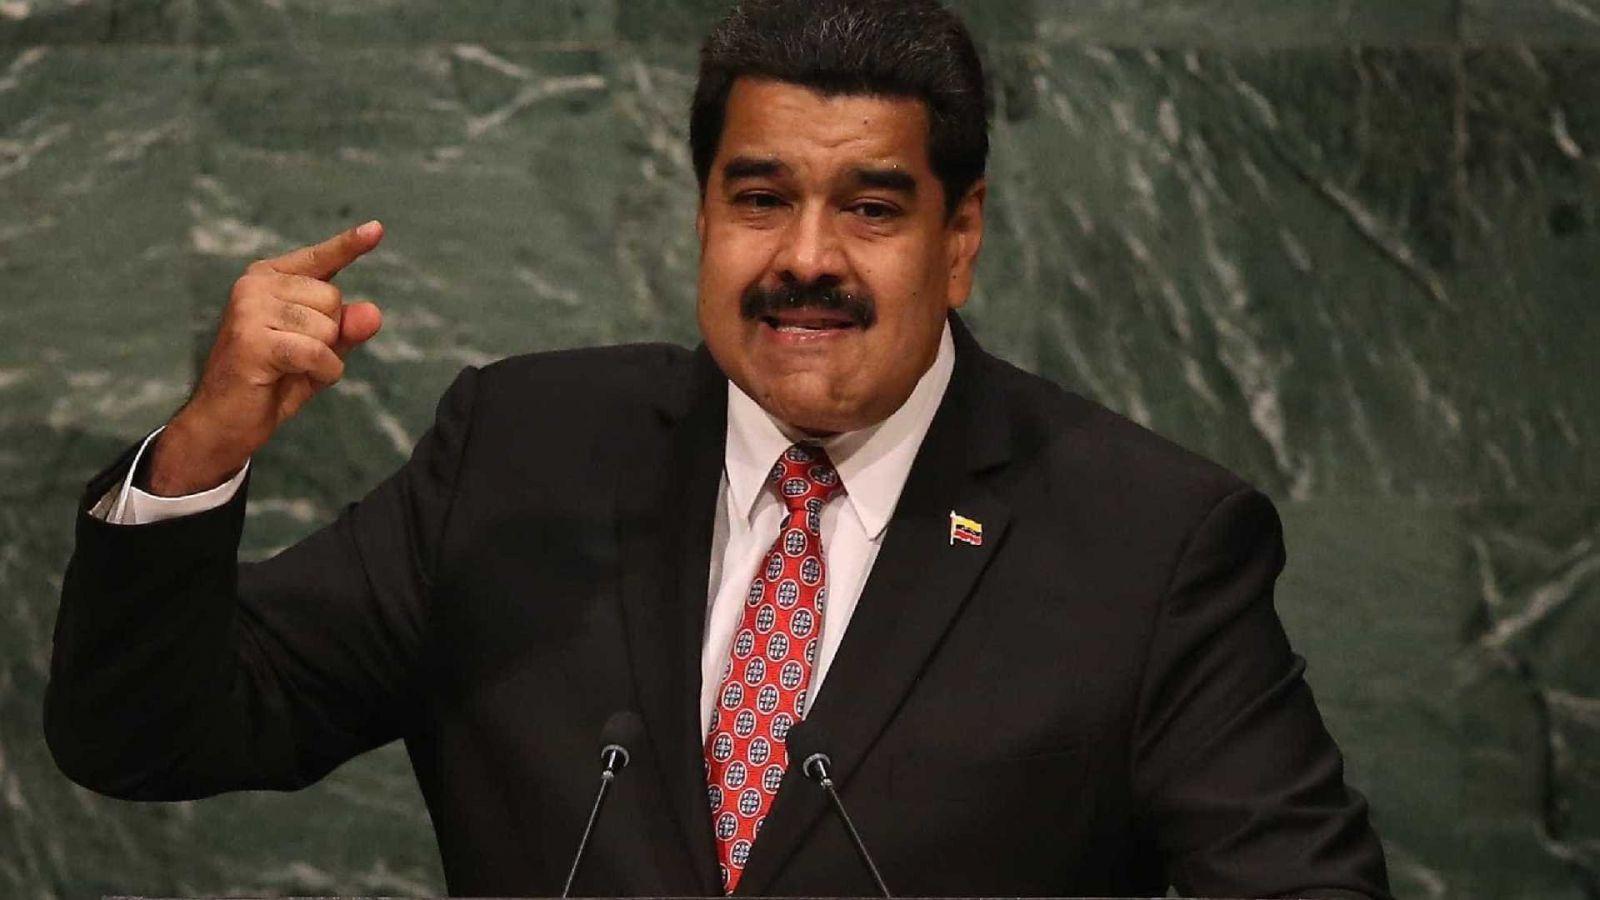 Maduro presidente da Venezuela convida eleitores do PT para morar na Venezuela caso Bolsonaro seja eleito. Veja...